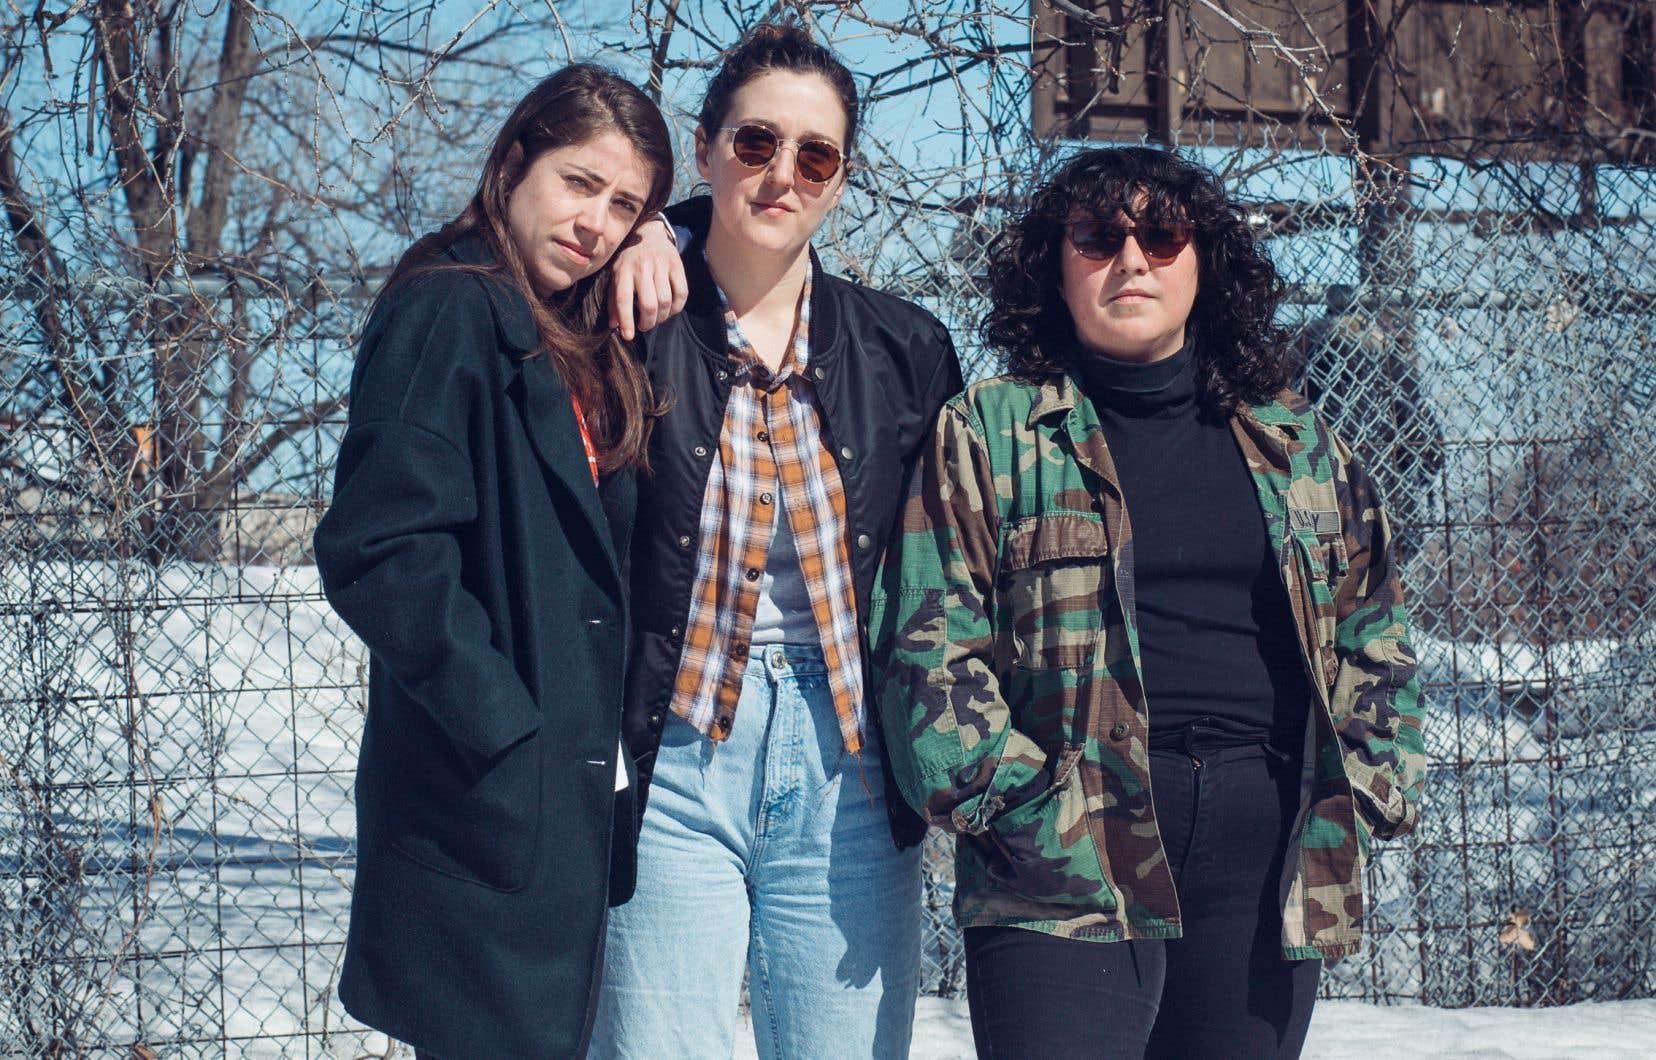 L'attitude de Raphaëlle Chouinard, Lisandre Bourdages et Sarah Dion est indéniablement moderne, même si les références musicales appartiennent à des époques révolues.